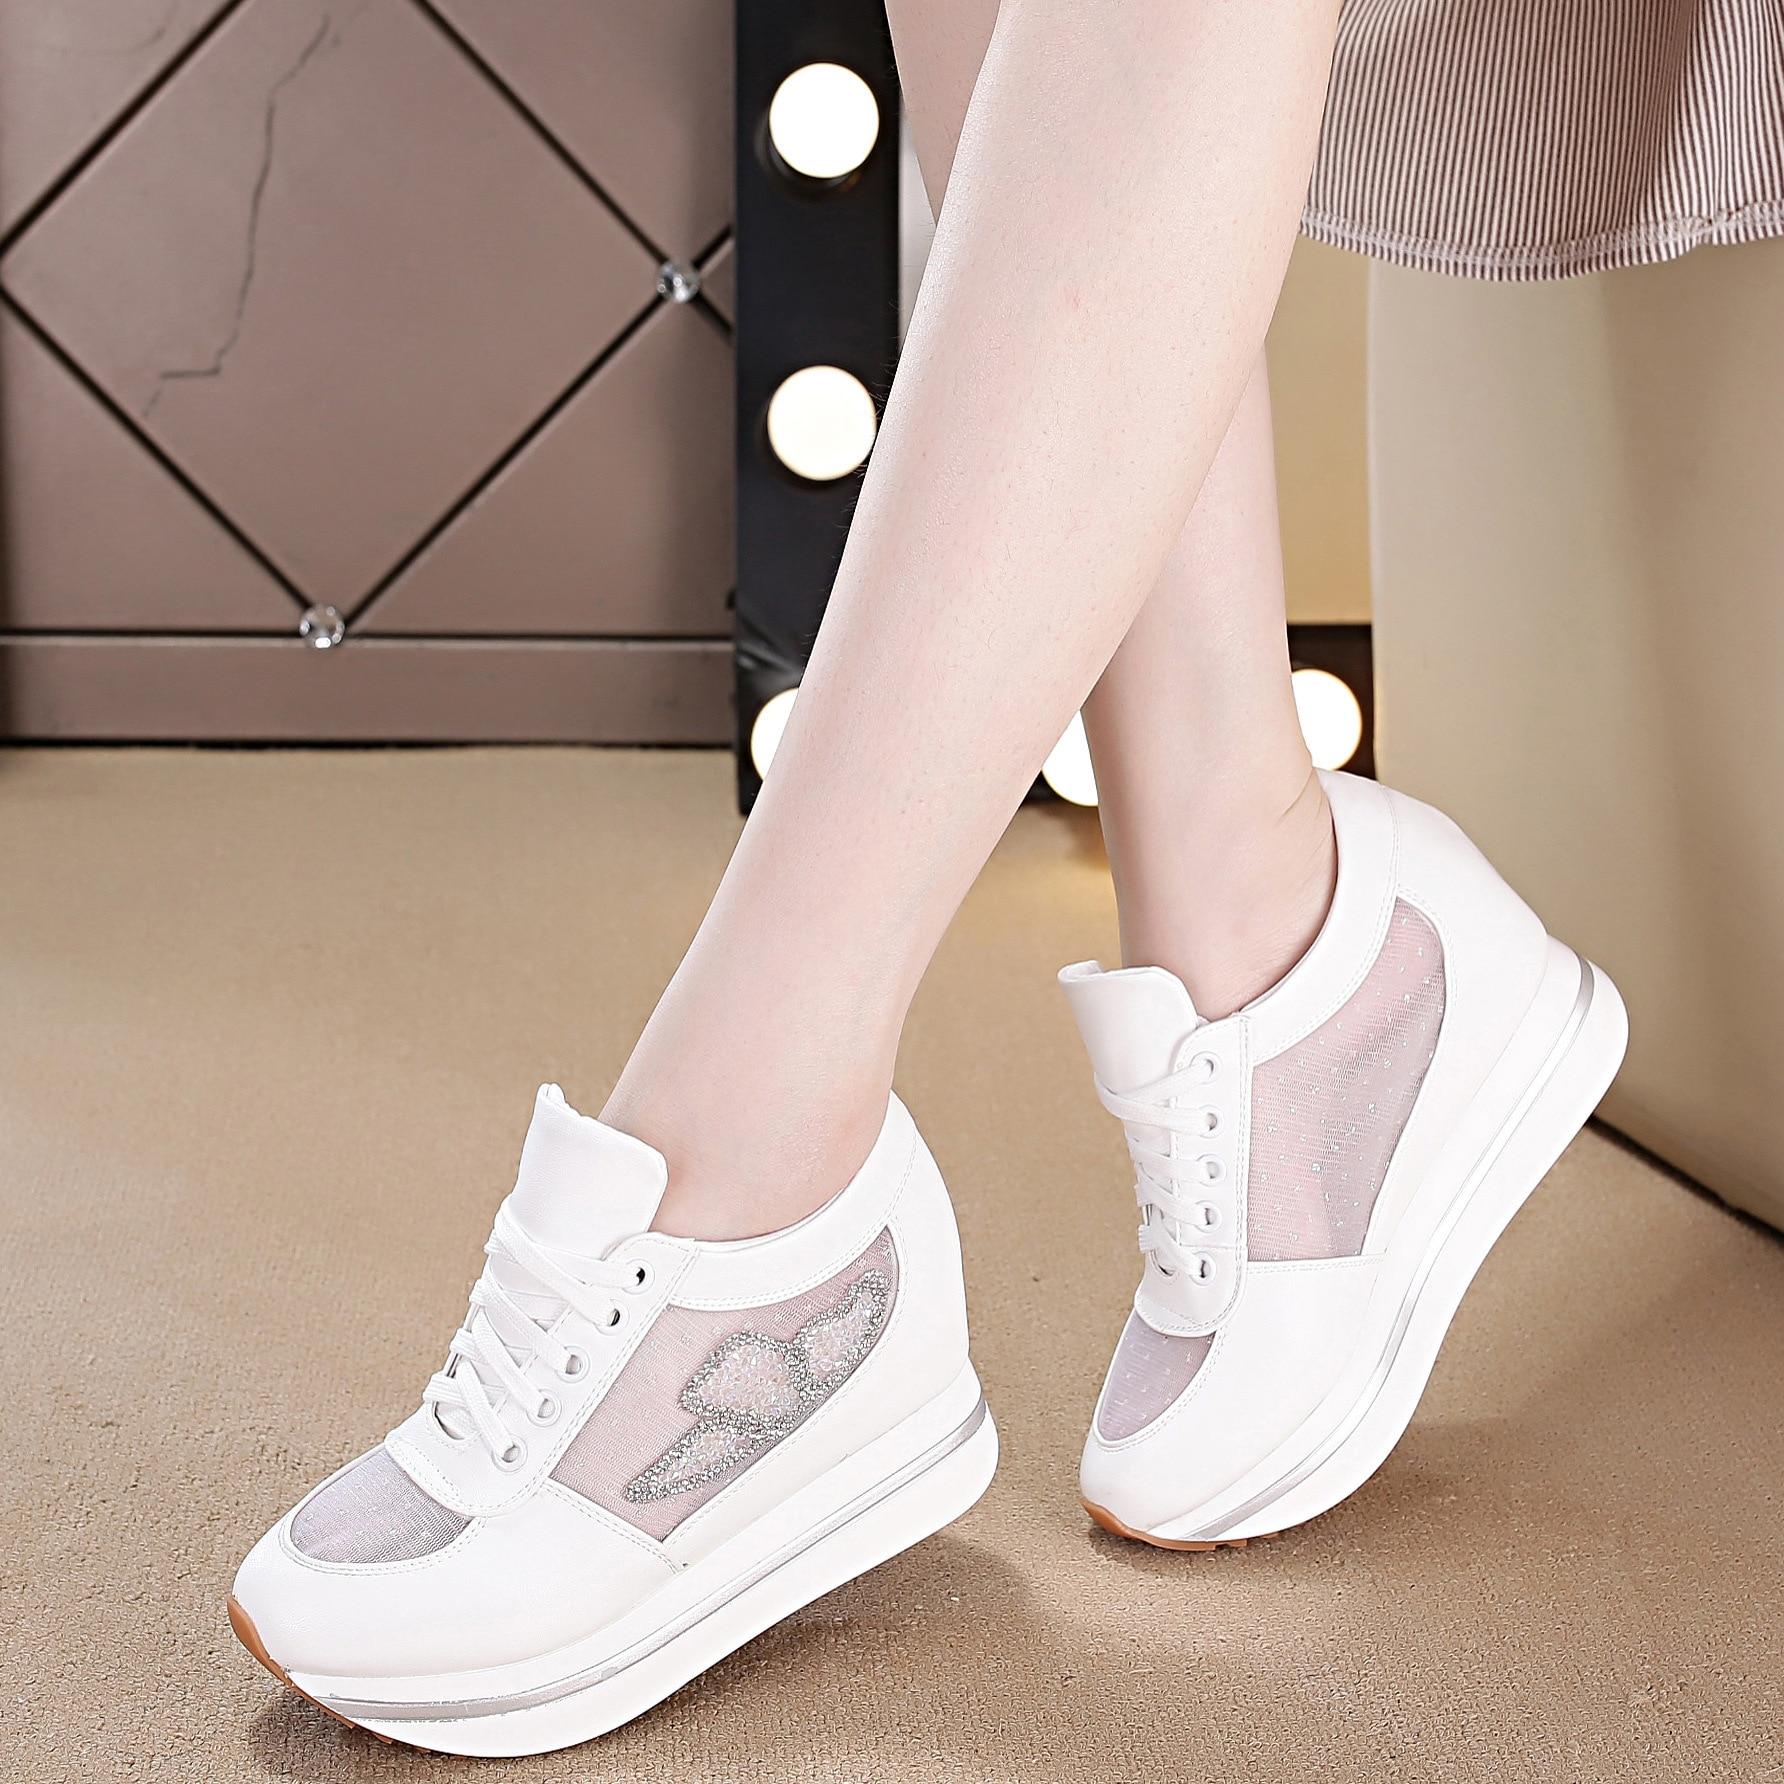 Talons Femme Qualité blanc Haute Pu Strass Mode Nouvelle Dans Augmentation 2018 Respirante Chaussures Des Sneakers Maille Rose Casual Hauts Femmes 8Cnq7